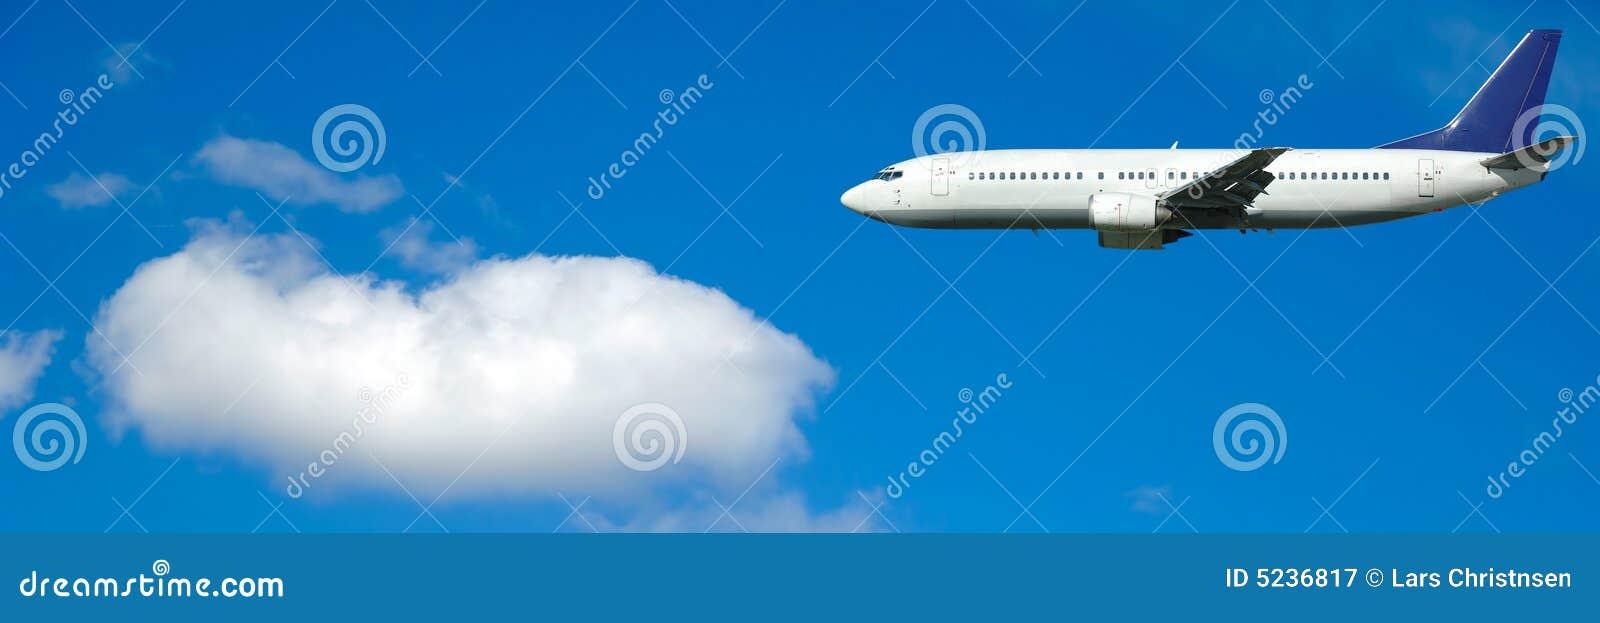 воздушное путешествие